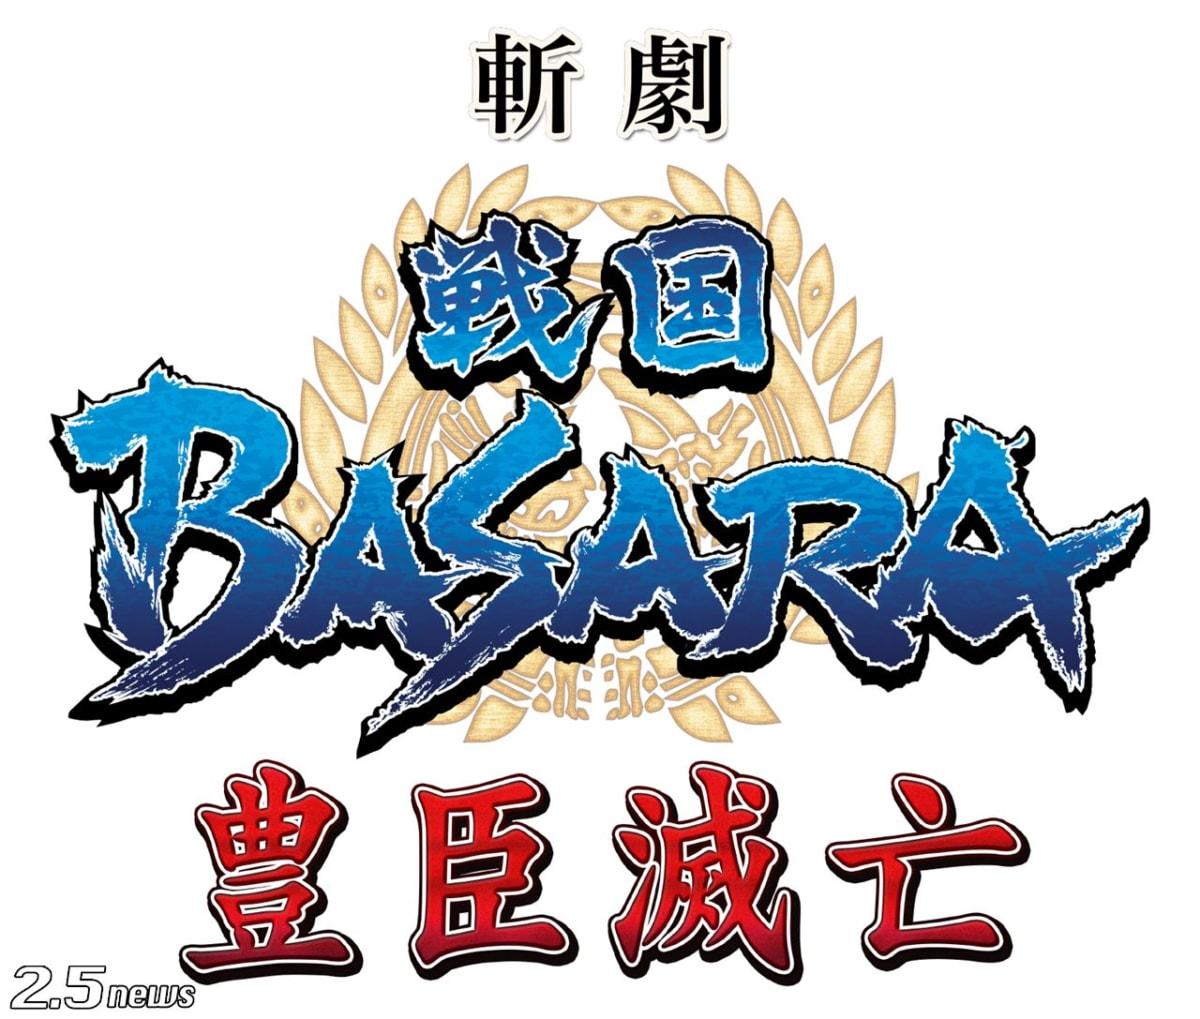 斬劇『戦国BASARA』豊臣滅亡